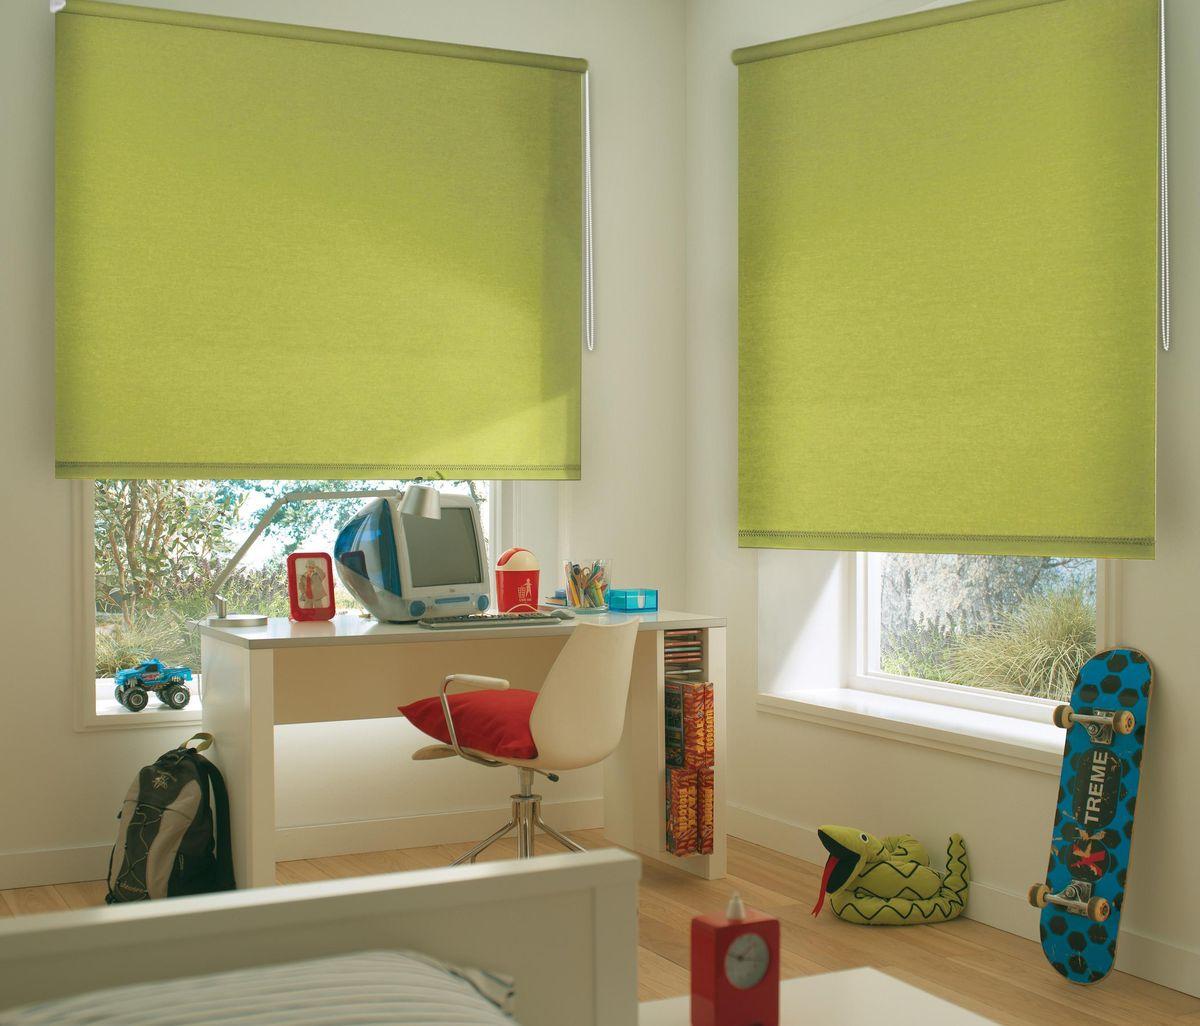 Штора рулонная Эскар, цвет: салатовый, ширина 120 см, высота 170 см81014120170Рулонными шторами можно оформлять окна как самостоятельно, так и использовать в комбинации с портьерами. Это поможет предотвратить выгорание дорогой ткани на солнце и соединит функционал рулонных с красотой навесных. Преимущества применения рулонных штор для пластиковых окон: - имеют прекрасный внешний вид: многообразие и фактурность материала изделия отлично смотрятся в любом интерьере; - многофункциональны: есть возможность подобрать шторы способные эффективно защитить комнату от солнца, при этом о на не будет слишком темной. - Есть возможность осуществить быстрый монтаж. ВНИМАНИЕ! Размеры ширины изделия указаны по ширине ткани! Во время эксплуатации не рекомендуется полностью разматывать рулон, чтобы не оторвать ткань от намоточного вала. В случае загрязнения поверхности ткани, чистку шторы проводят одним из способов, в зависимости от типа загрязнения: легкое поверхностное загрязнение можно удалить при помощи...